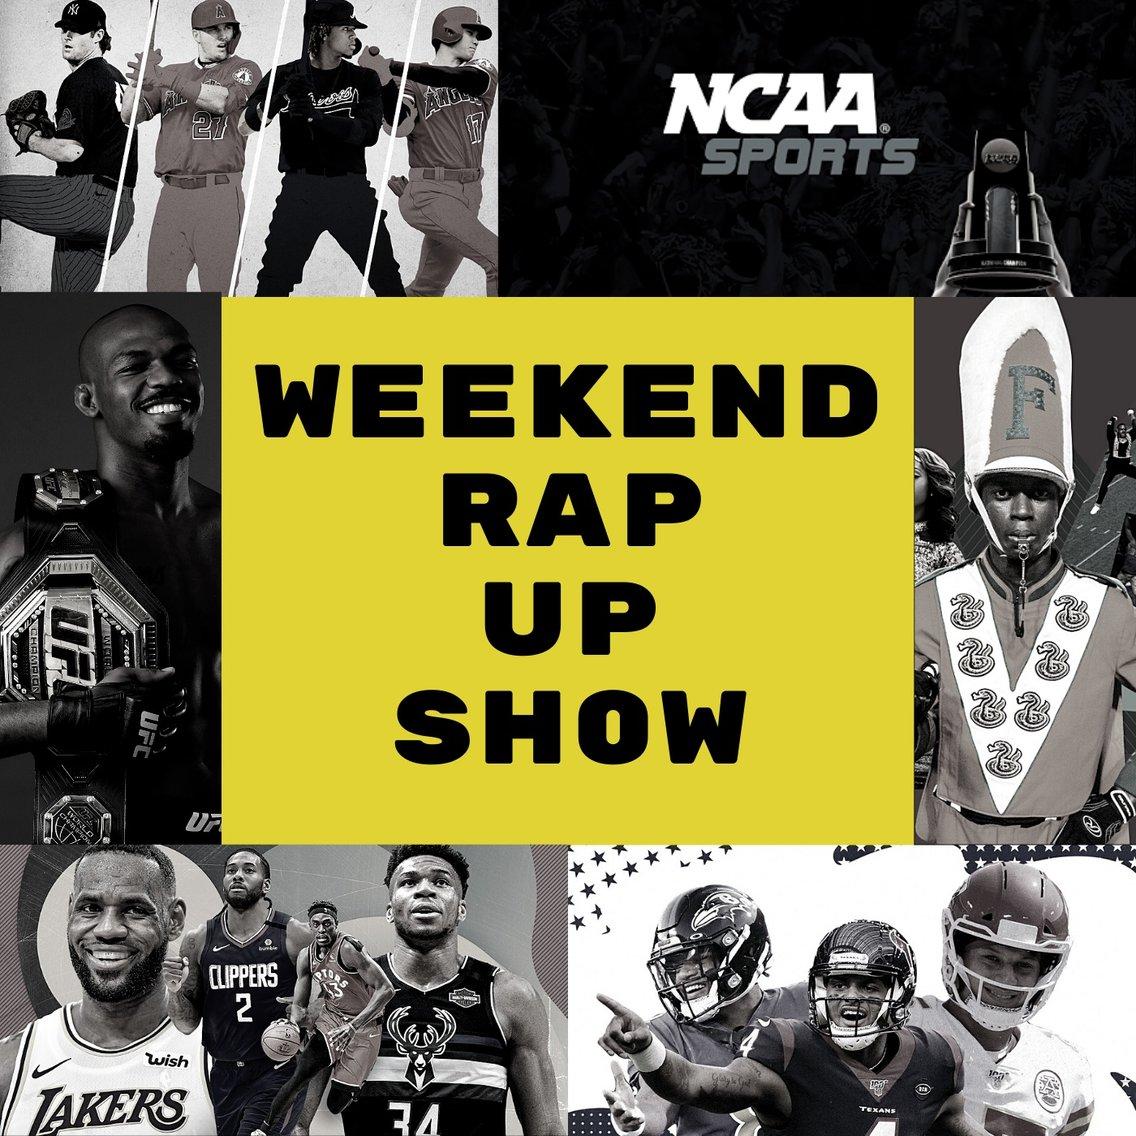 Weekend Rap Up - immagine di copertina